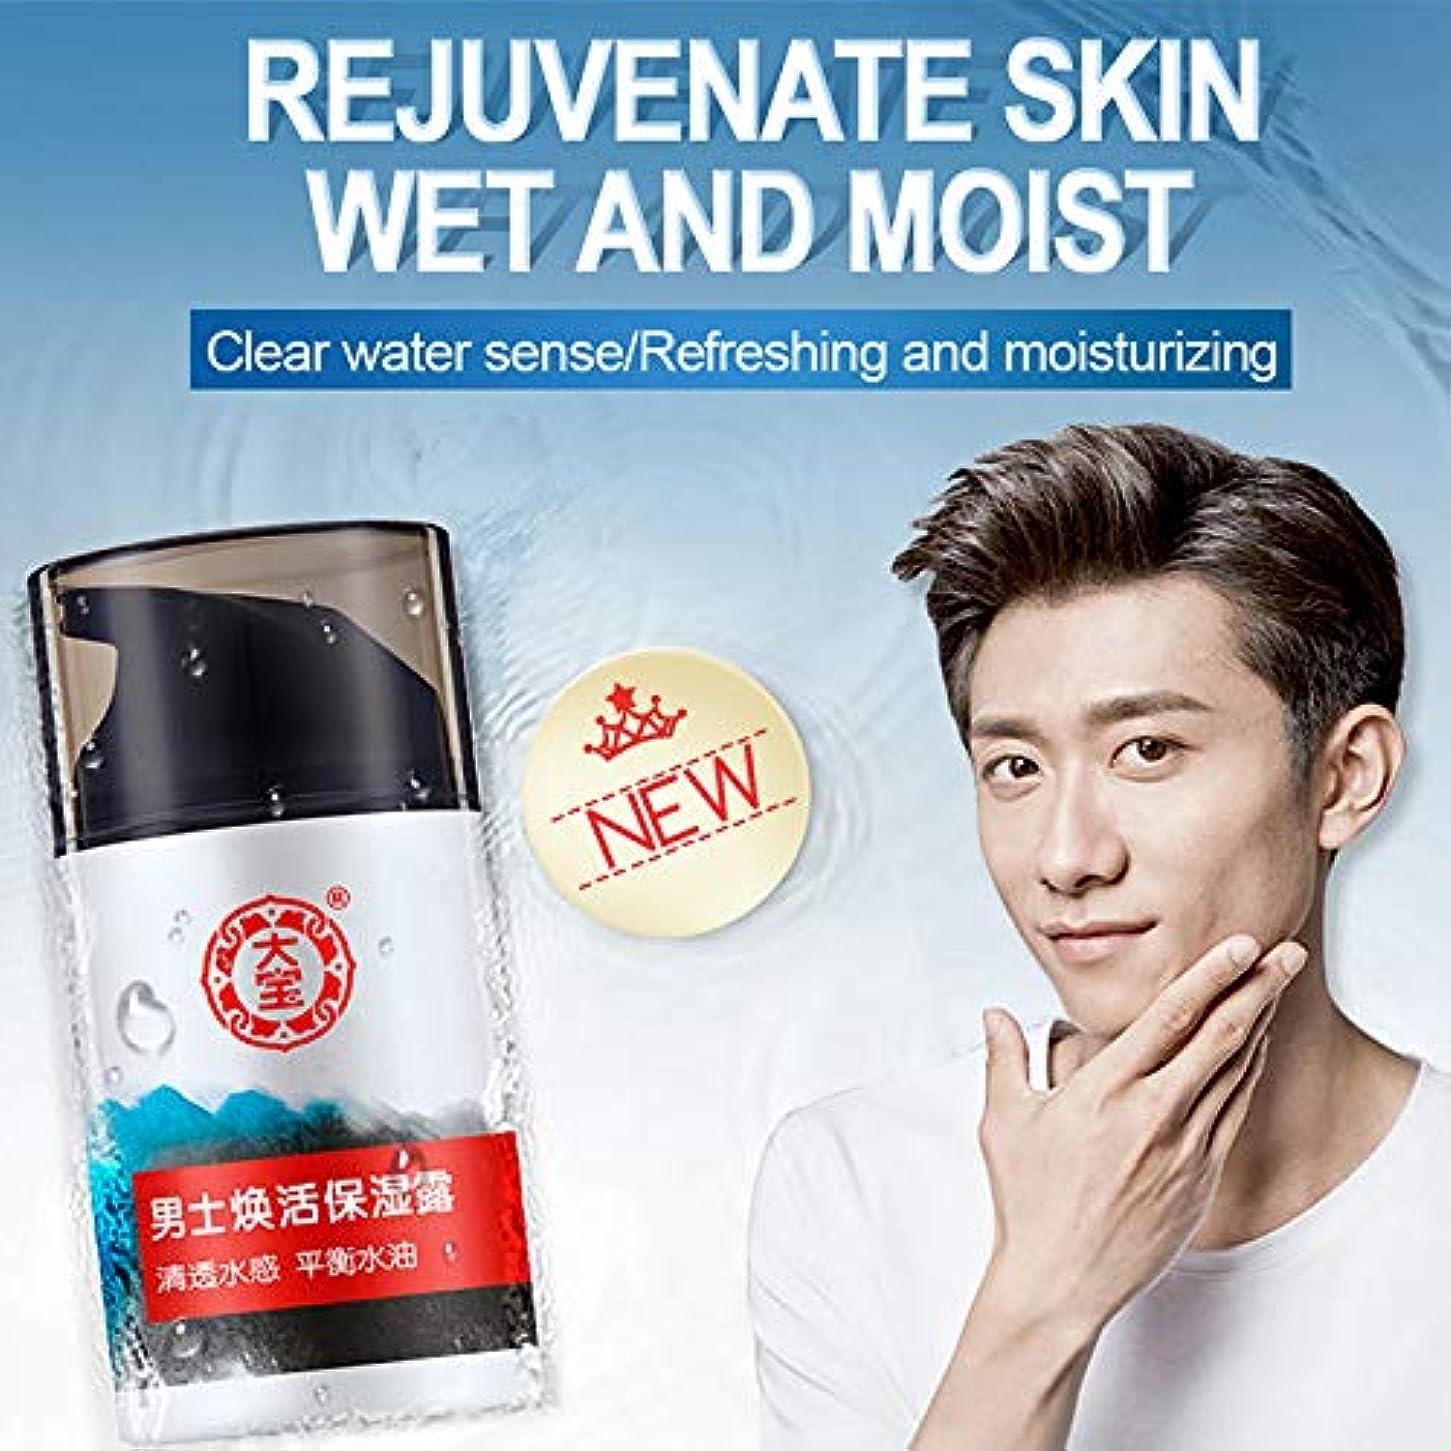 そばにかなりのホスト強力な効果的な顔の栄養クリームを修正大宝男性リバイタライジングモイスチャライジングローション保湿ダメージ